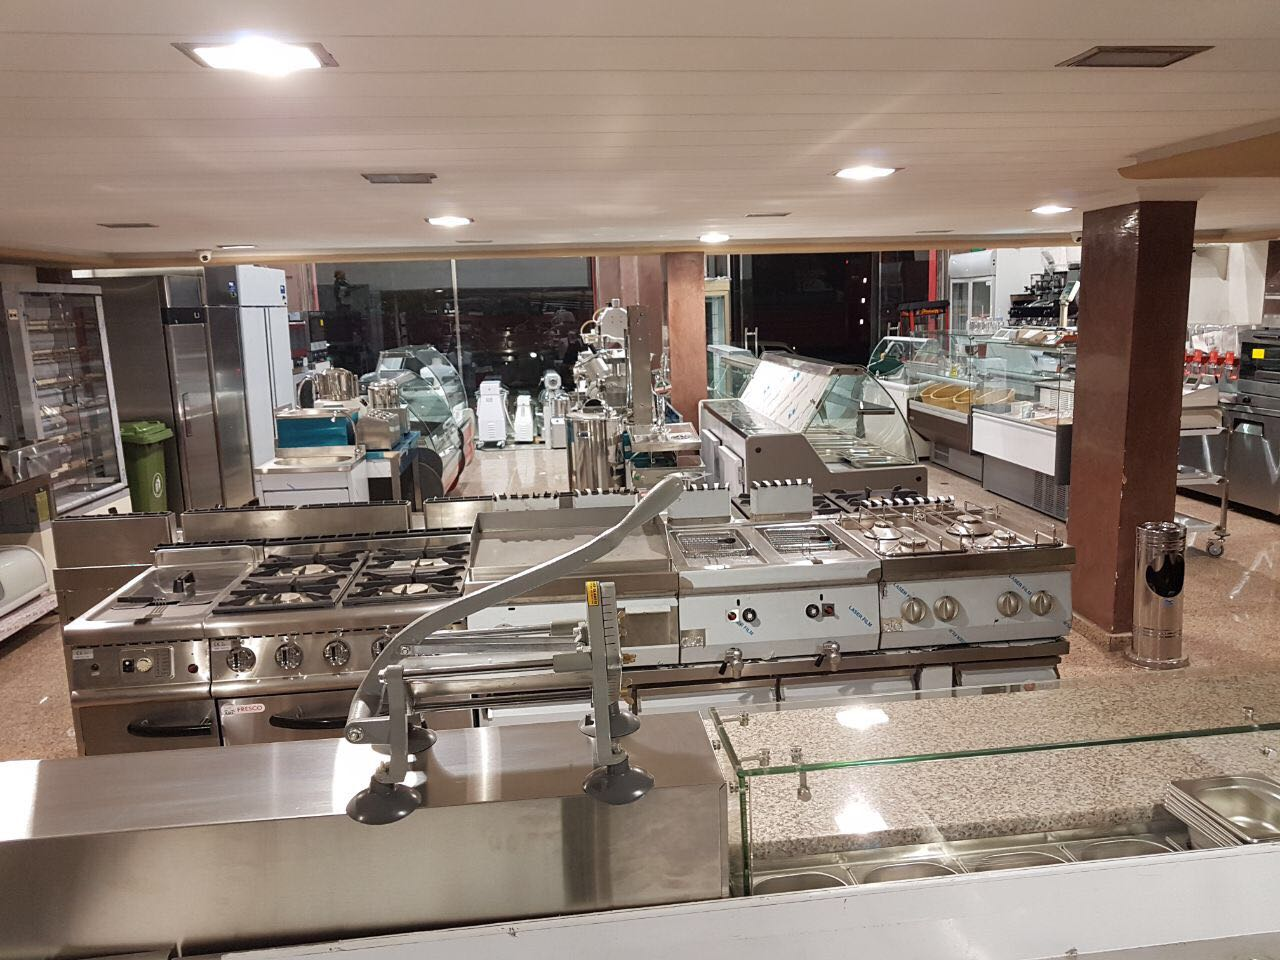 Informations et conseils sur cuisine professionnelle au maroc for Liste materiel cuisine